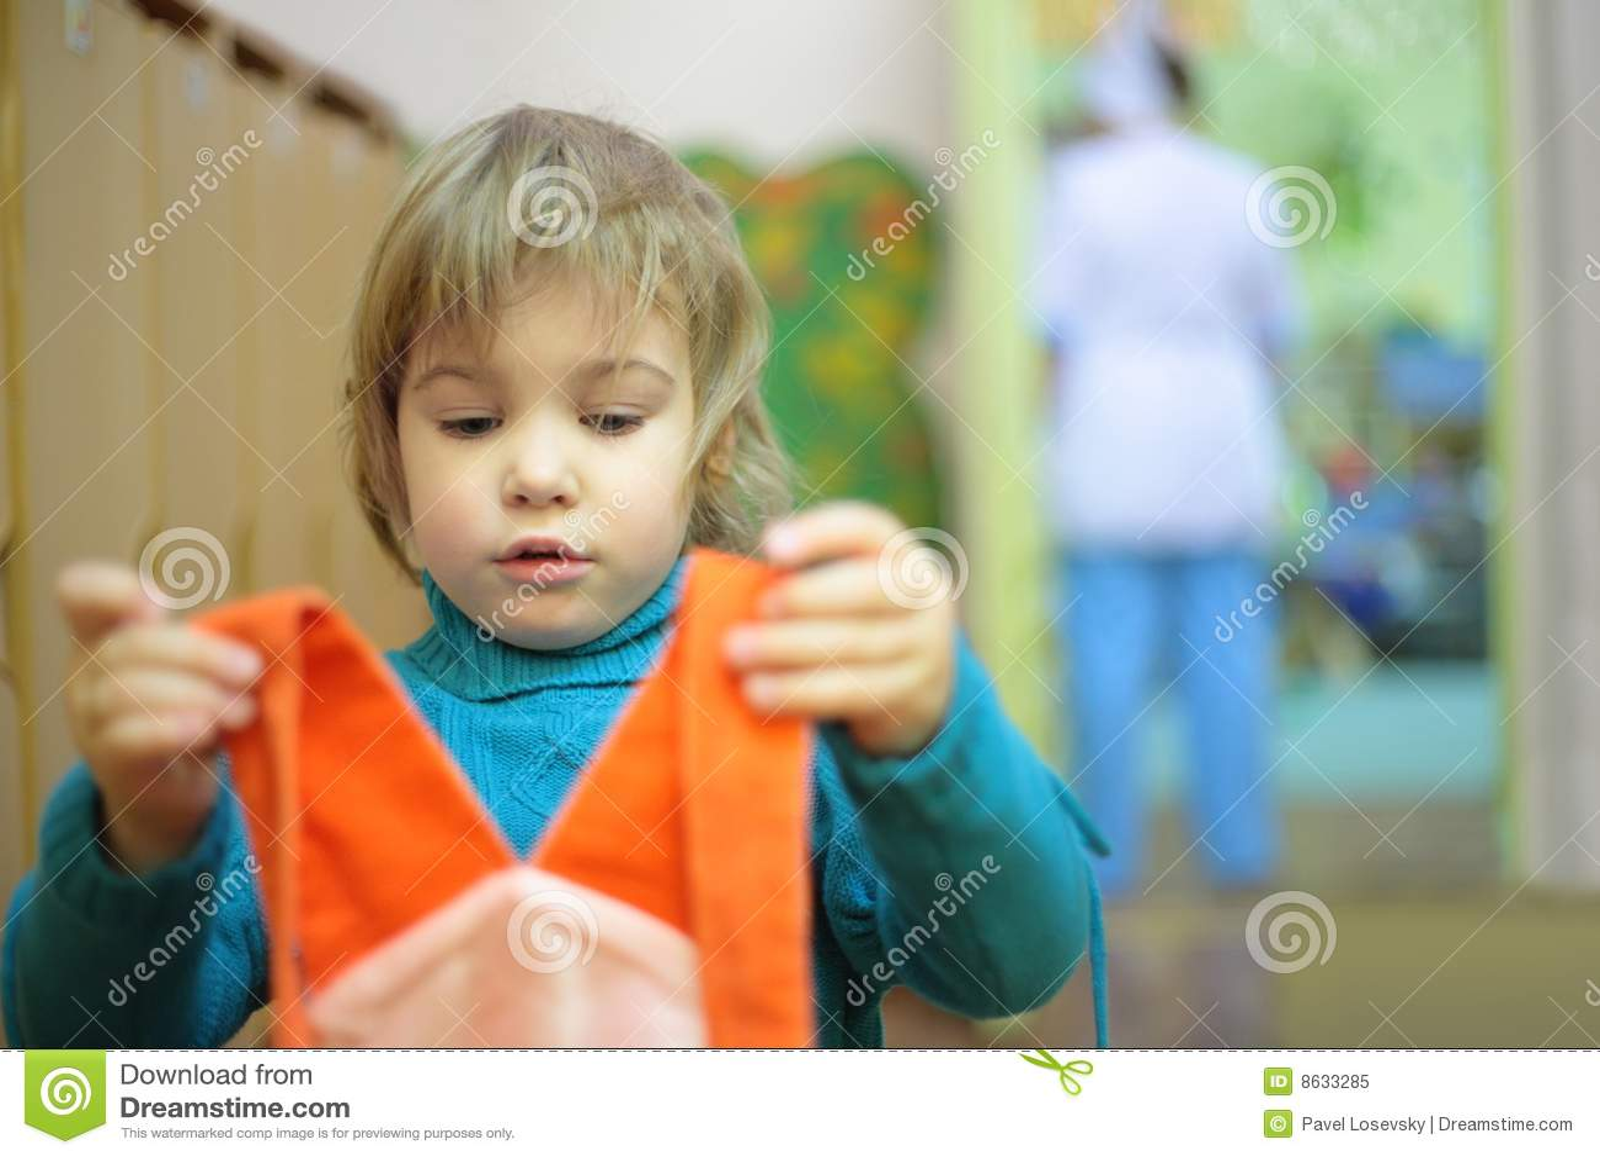 Рассказы мальчик переодевается девочкой 3 фотография